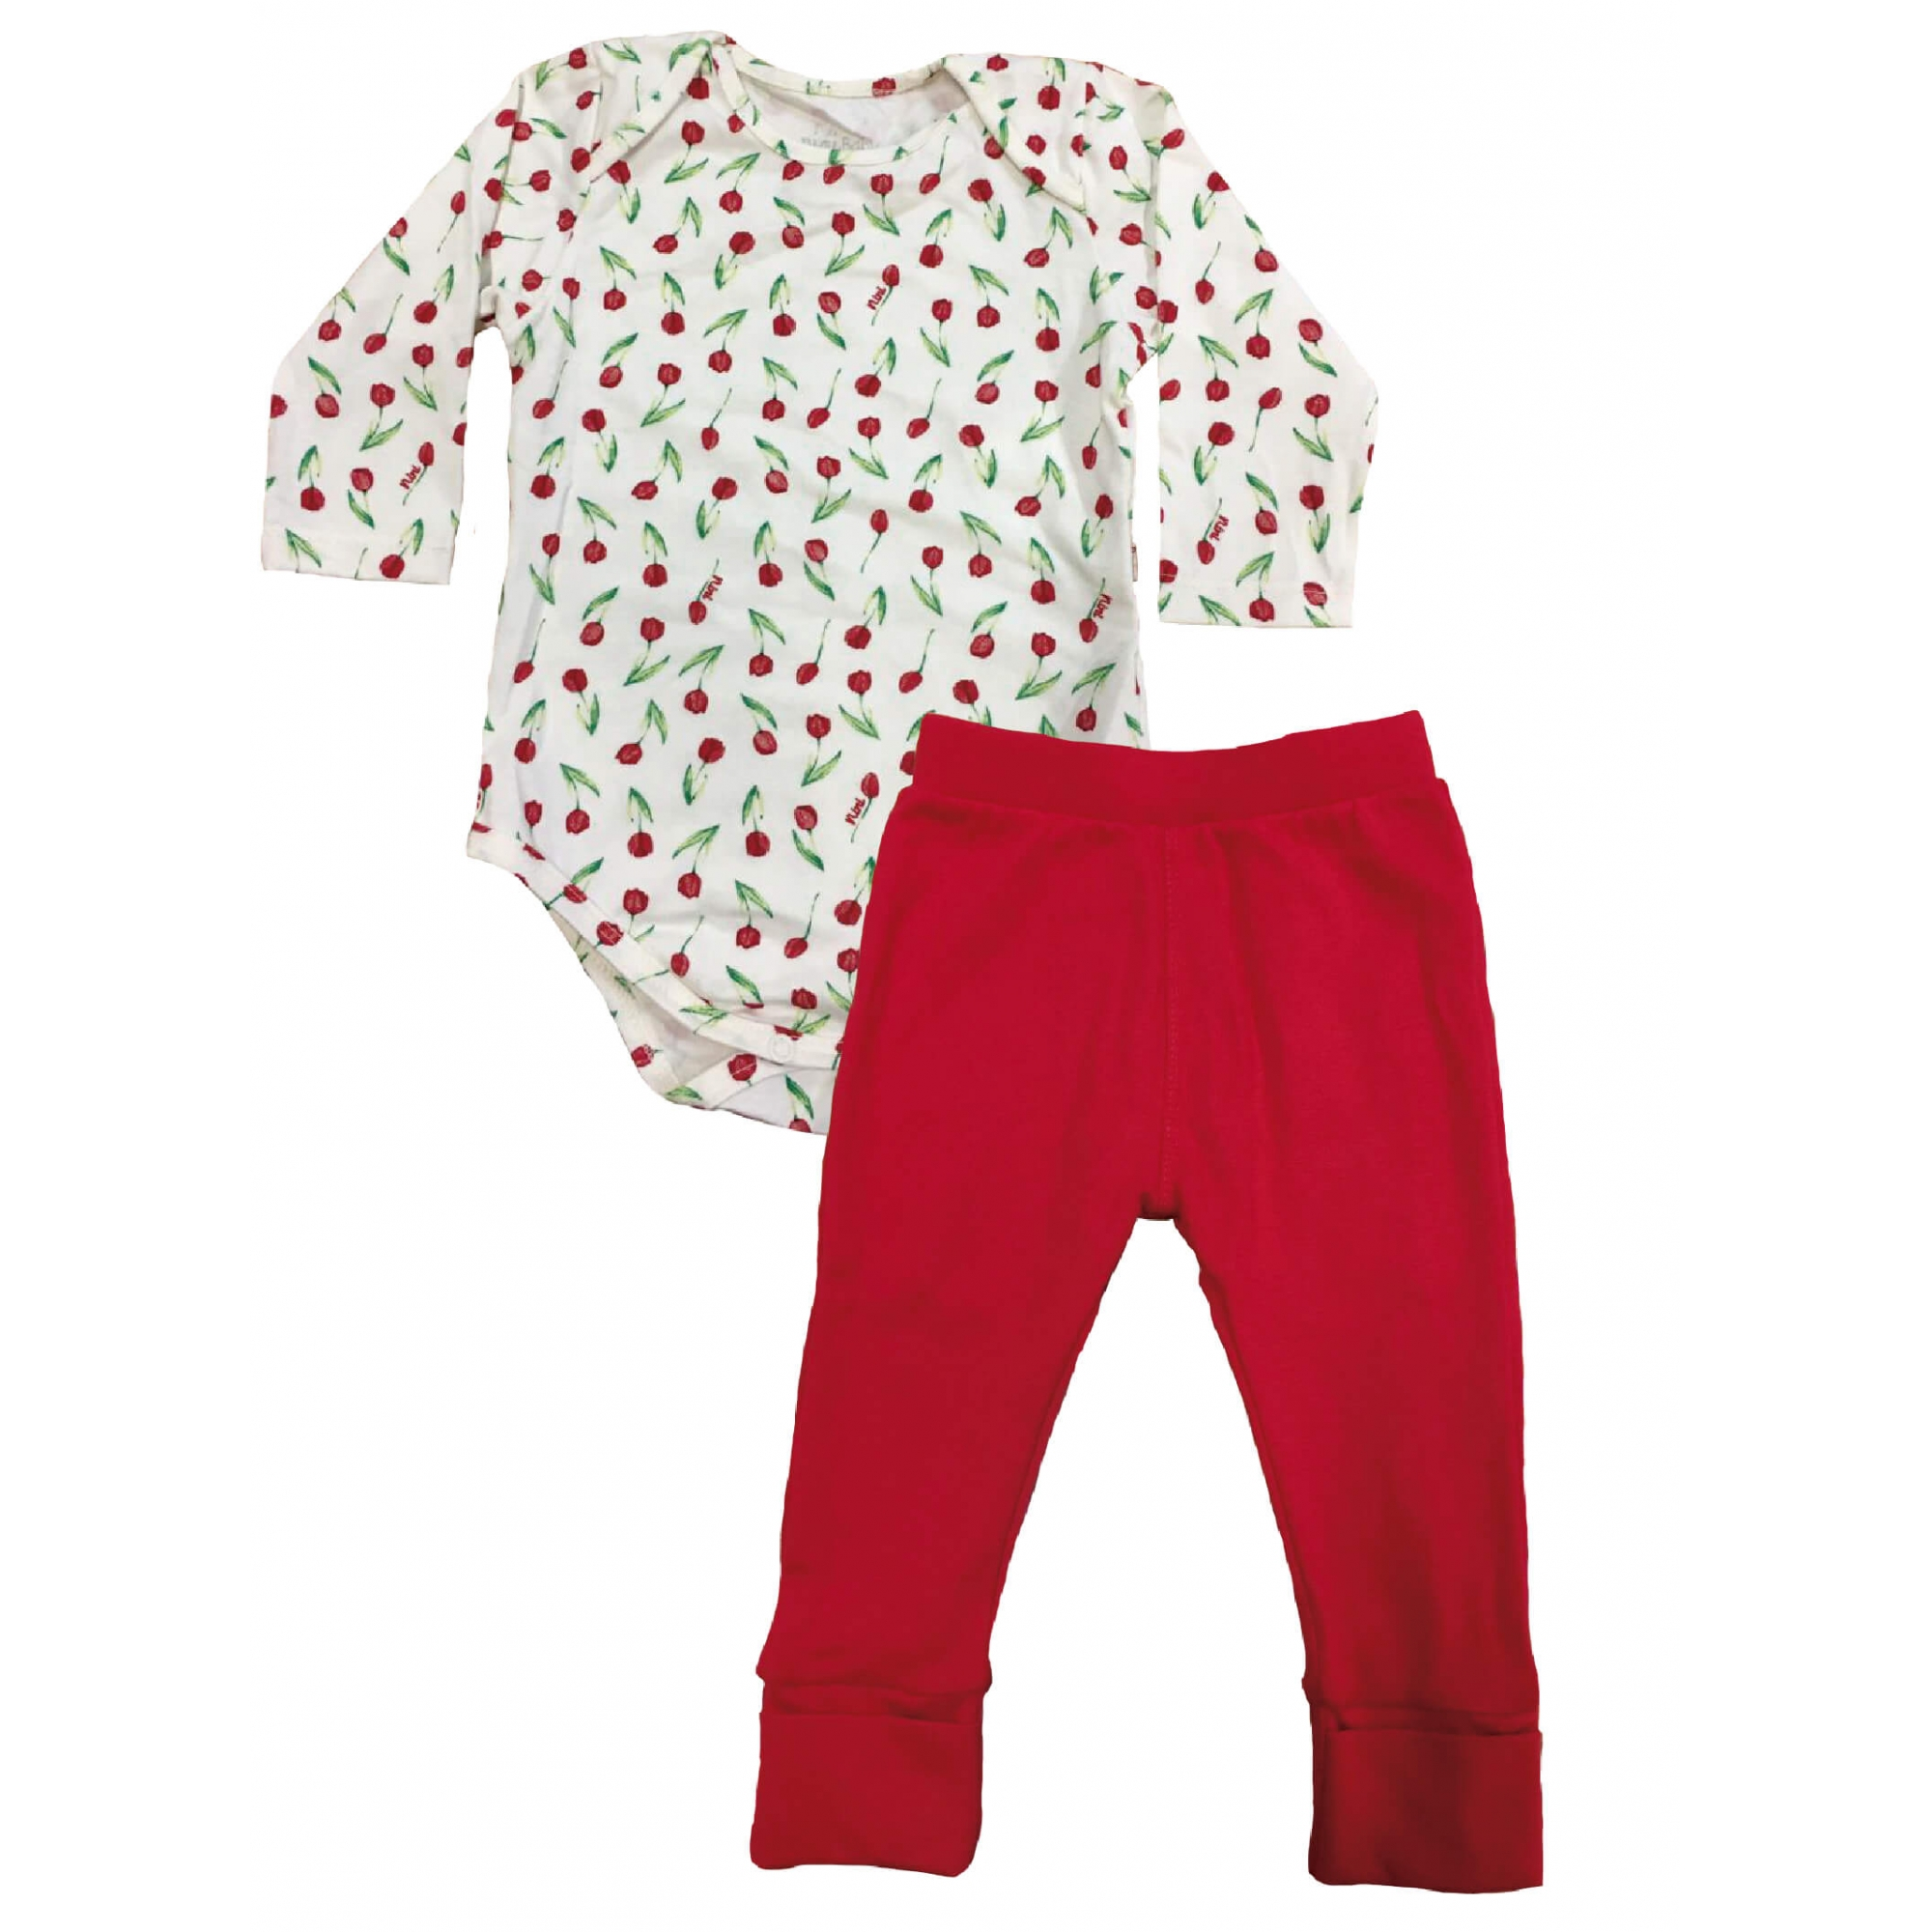 Conjunto Body Manga Longa e Calça em Cotton Flores Vermelho - Nini & Bambini